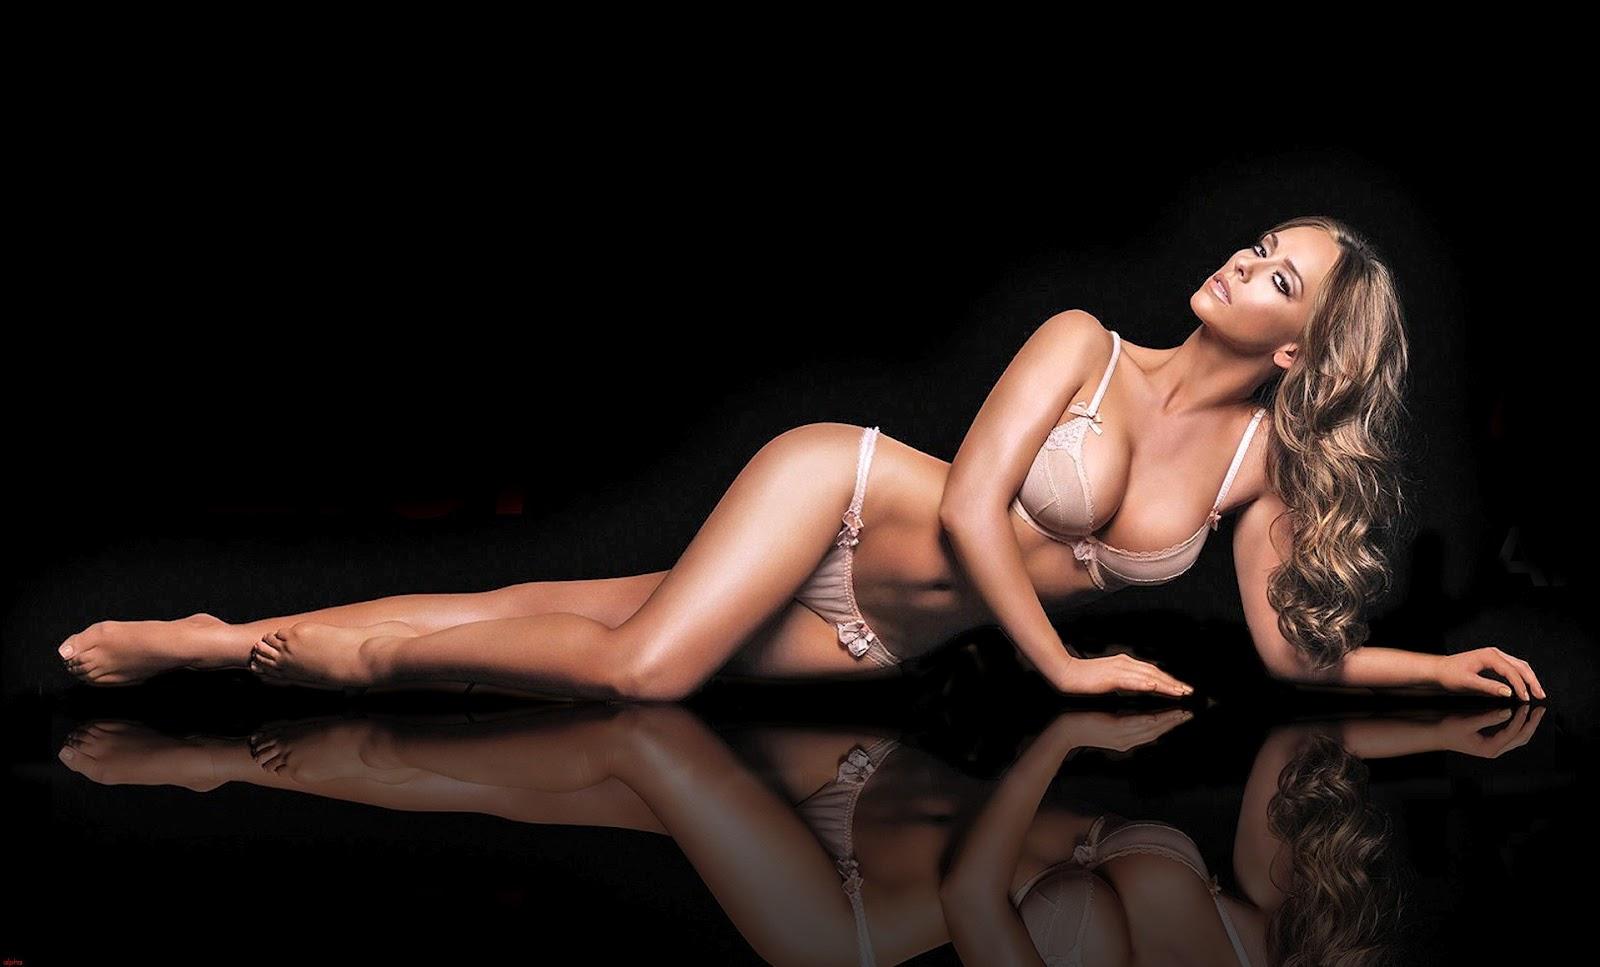 http://4.bp.blogspot.com/-FIsvuvpaV9c/T7u-uIkLJ0I/AAAAAAAAL5s/Szy1dJAj2Iw/s1600/Jennifer-Love-Hewitt-The-Client-List-4-1.jpg